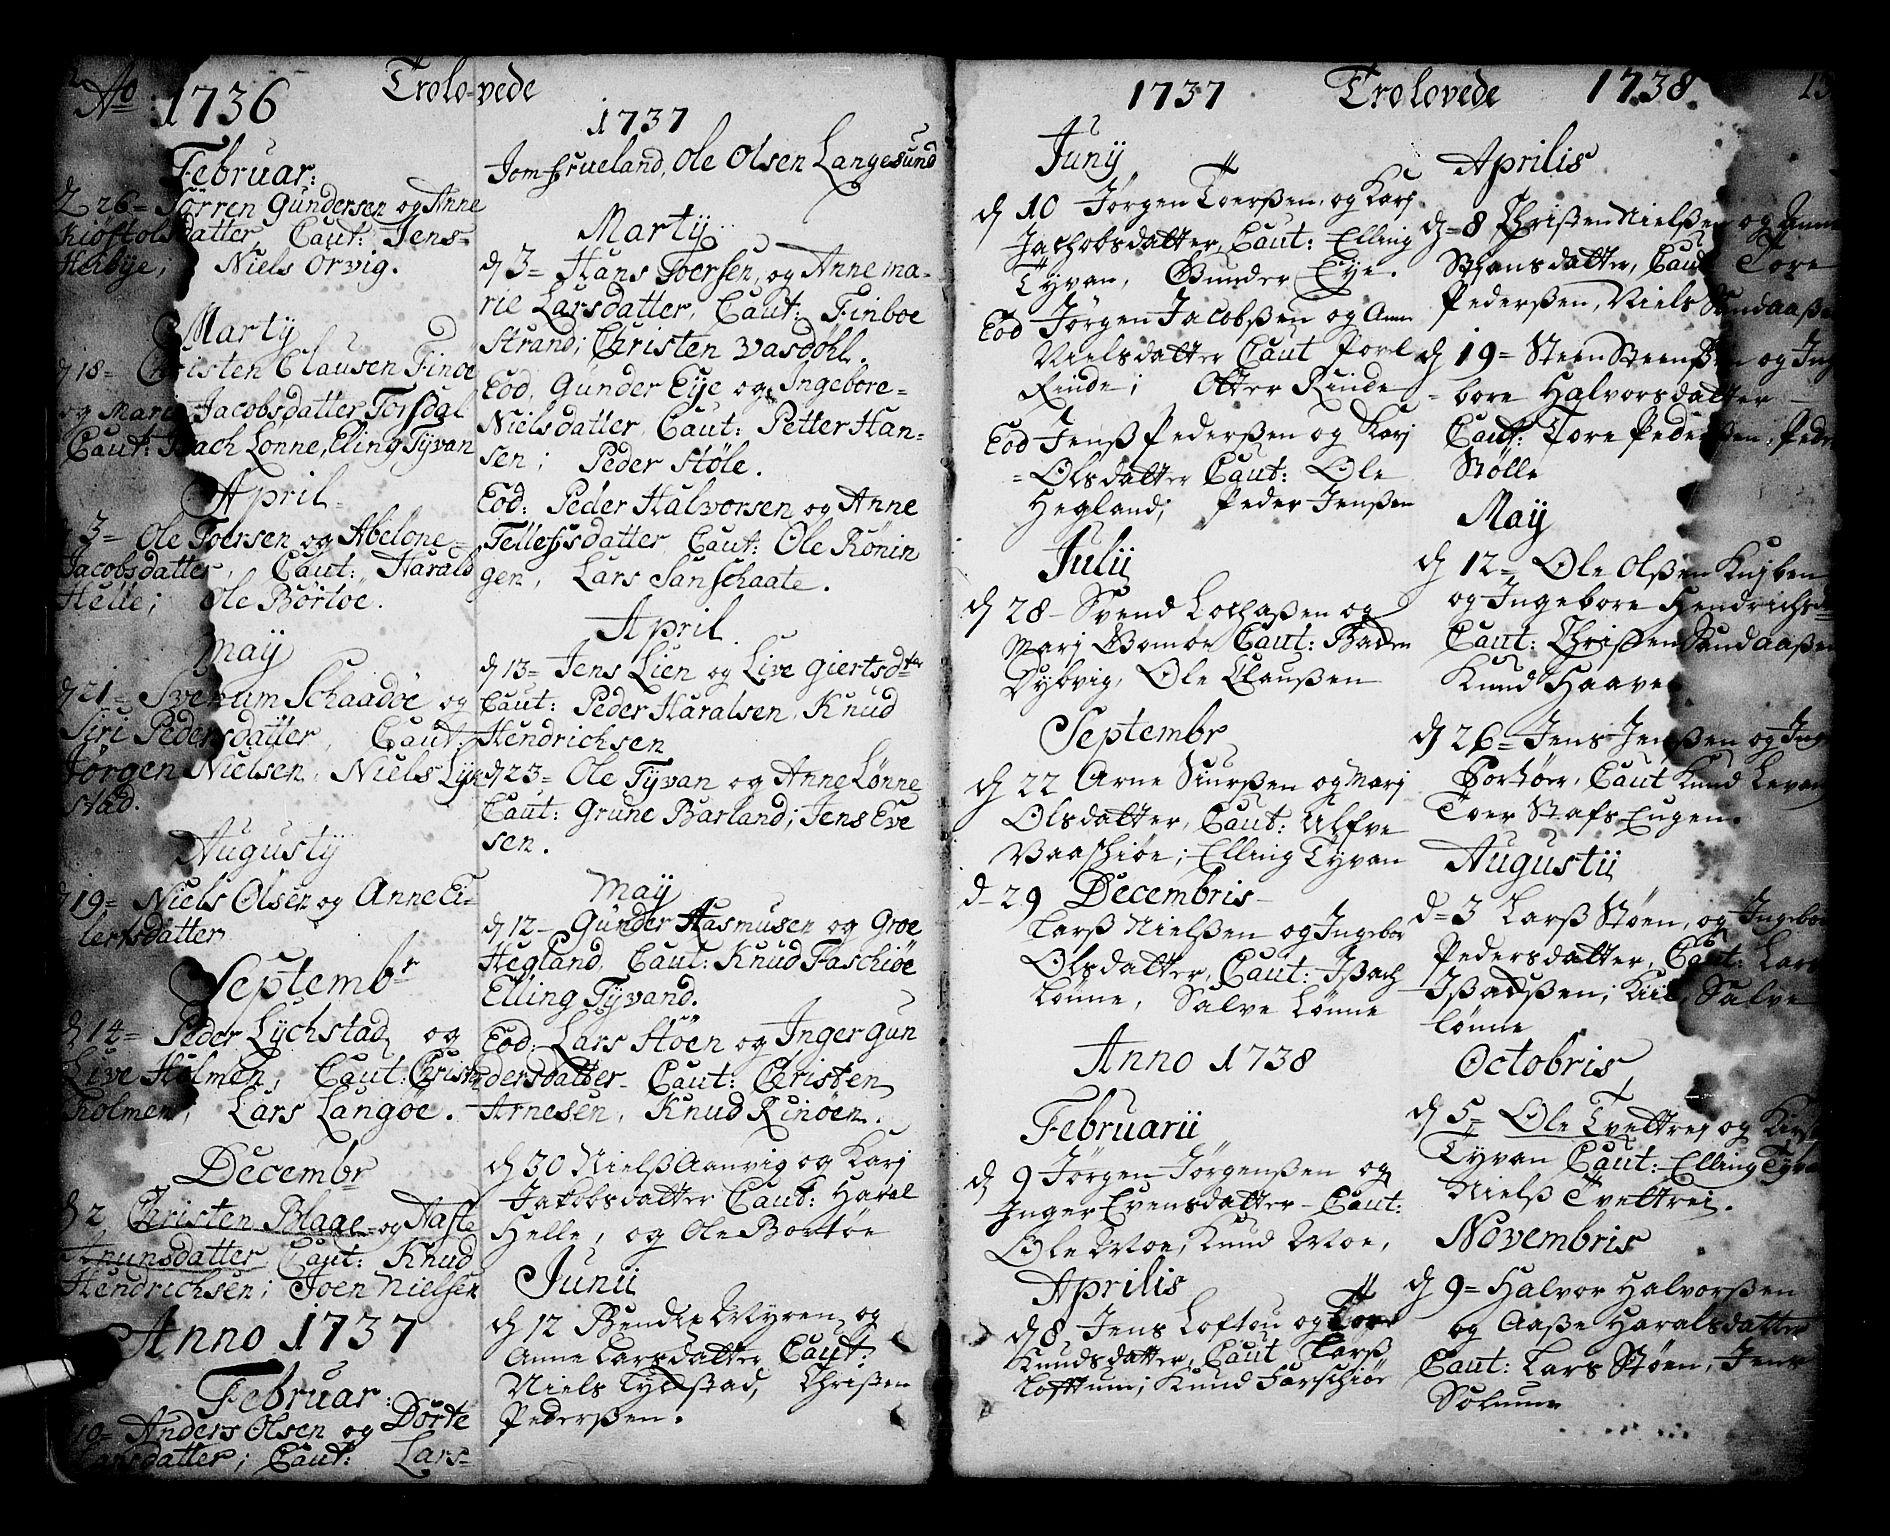 SAKO, Sannidal kirkebøker, F/Fa/L0001: Ministerialbok nr. 1, 1702-1766, s. 12-13